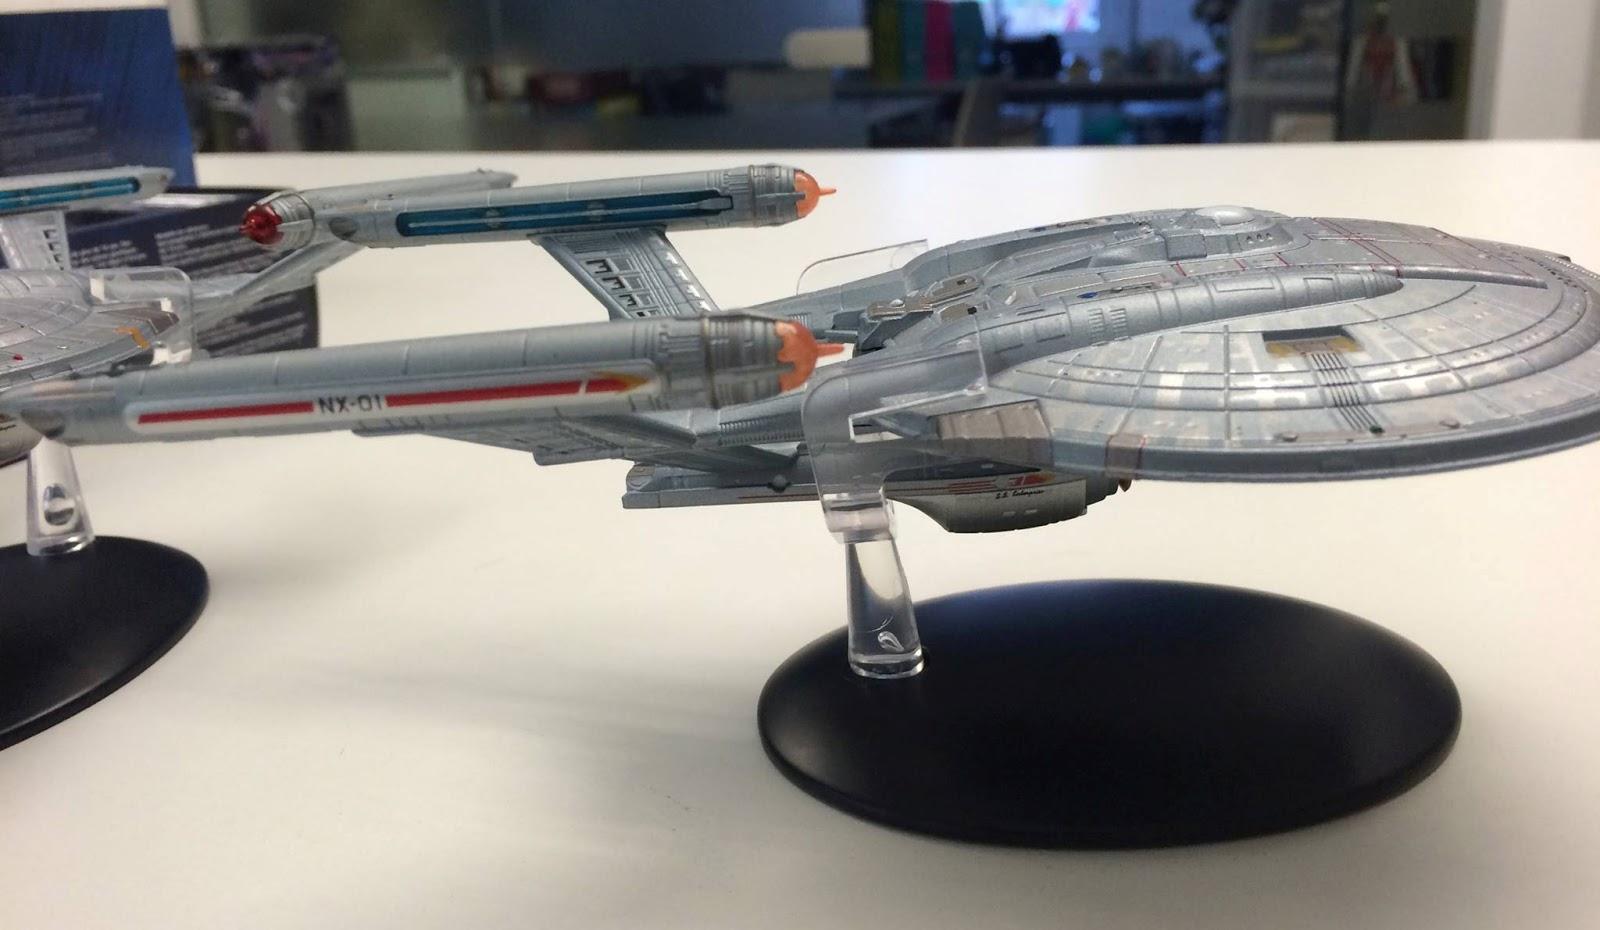 General Star Trek thread - Page 11 Eaglemoss%2BStar%2BTrek%2BThe%2BOfficial%2BStarships%2BCollection%2Bspecial%2B%25236%2BEnterprise%2BNX-01%2Brefit%2Bmodel%2Bsecond%2Bpass%2B3